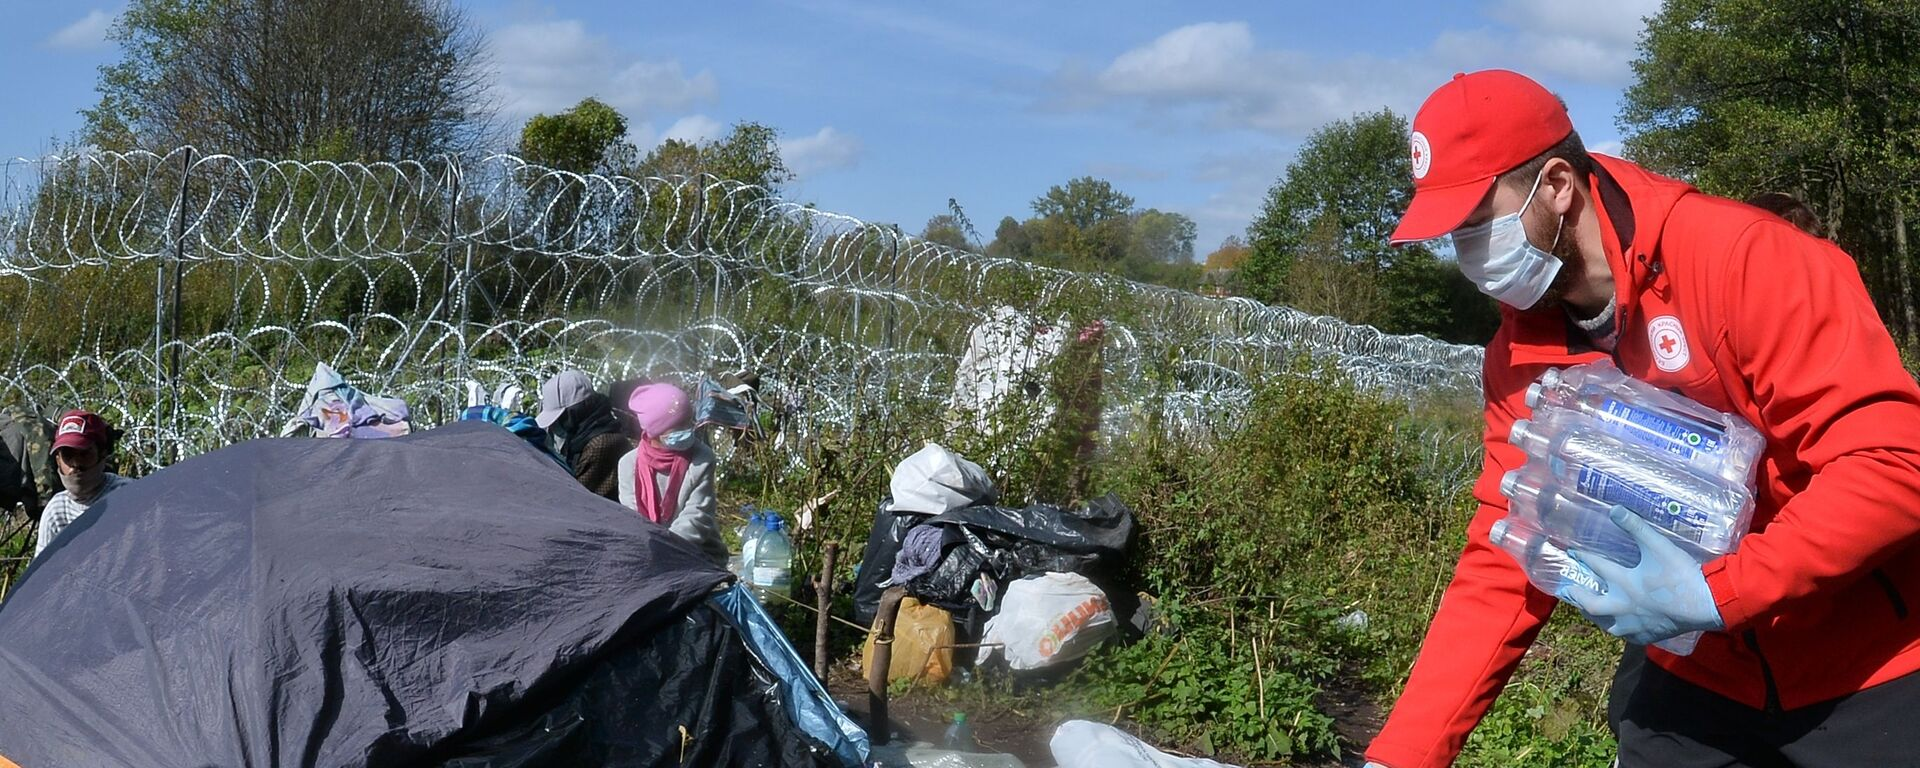 Przedstawiciele białoruskiego Czerwonego Krzyża w obozie uchodźców na granicy polsko-białoruskiej - Sputnik Polska, 1920, 07.10.2021